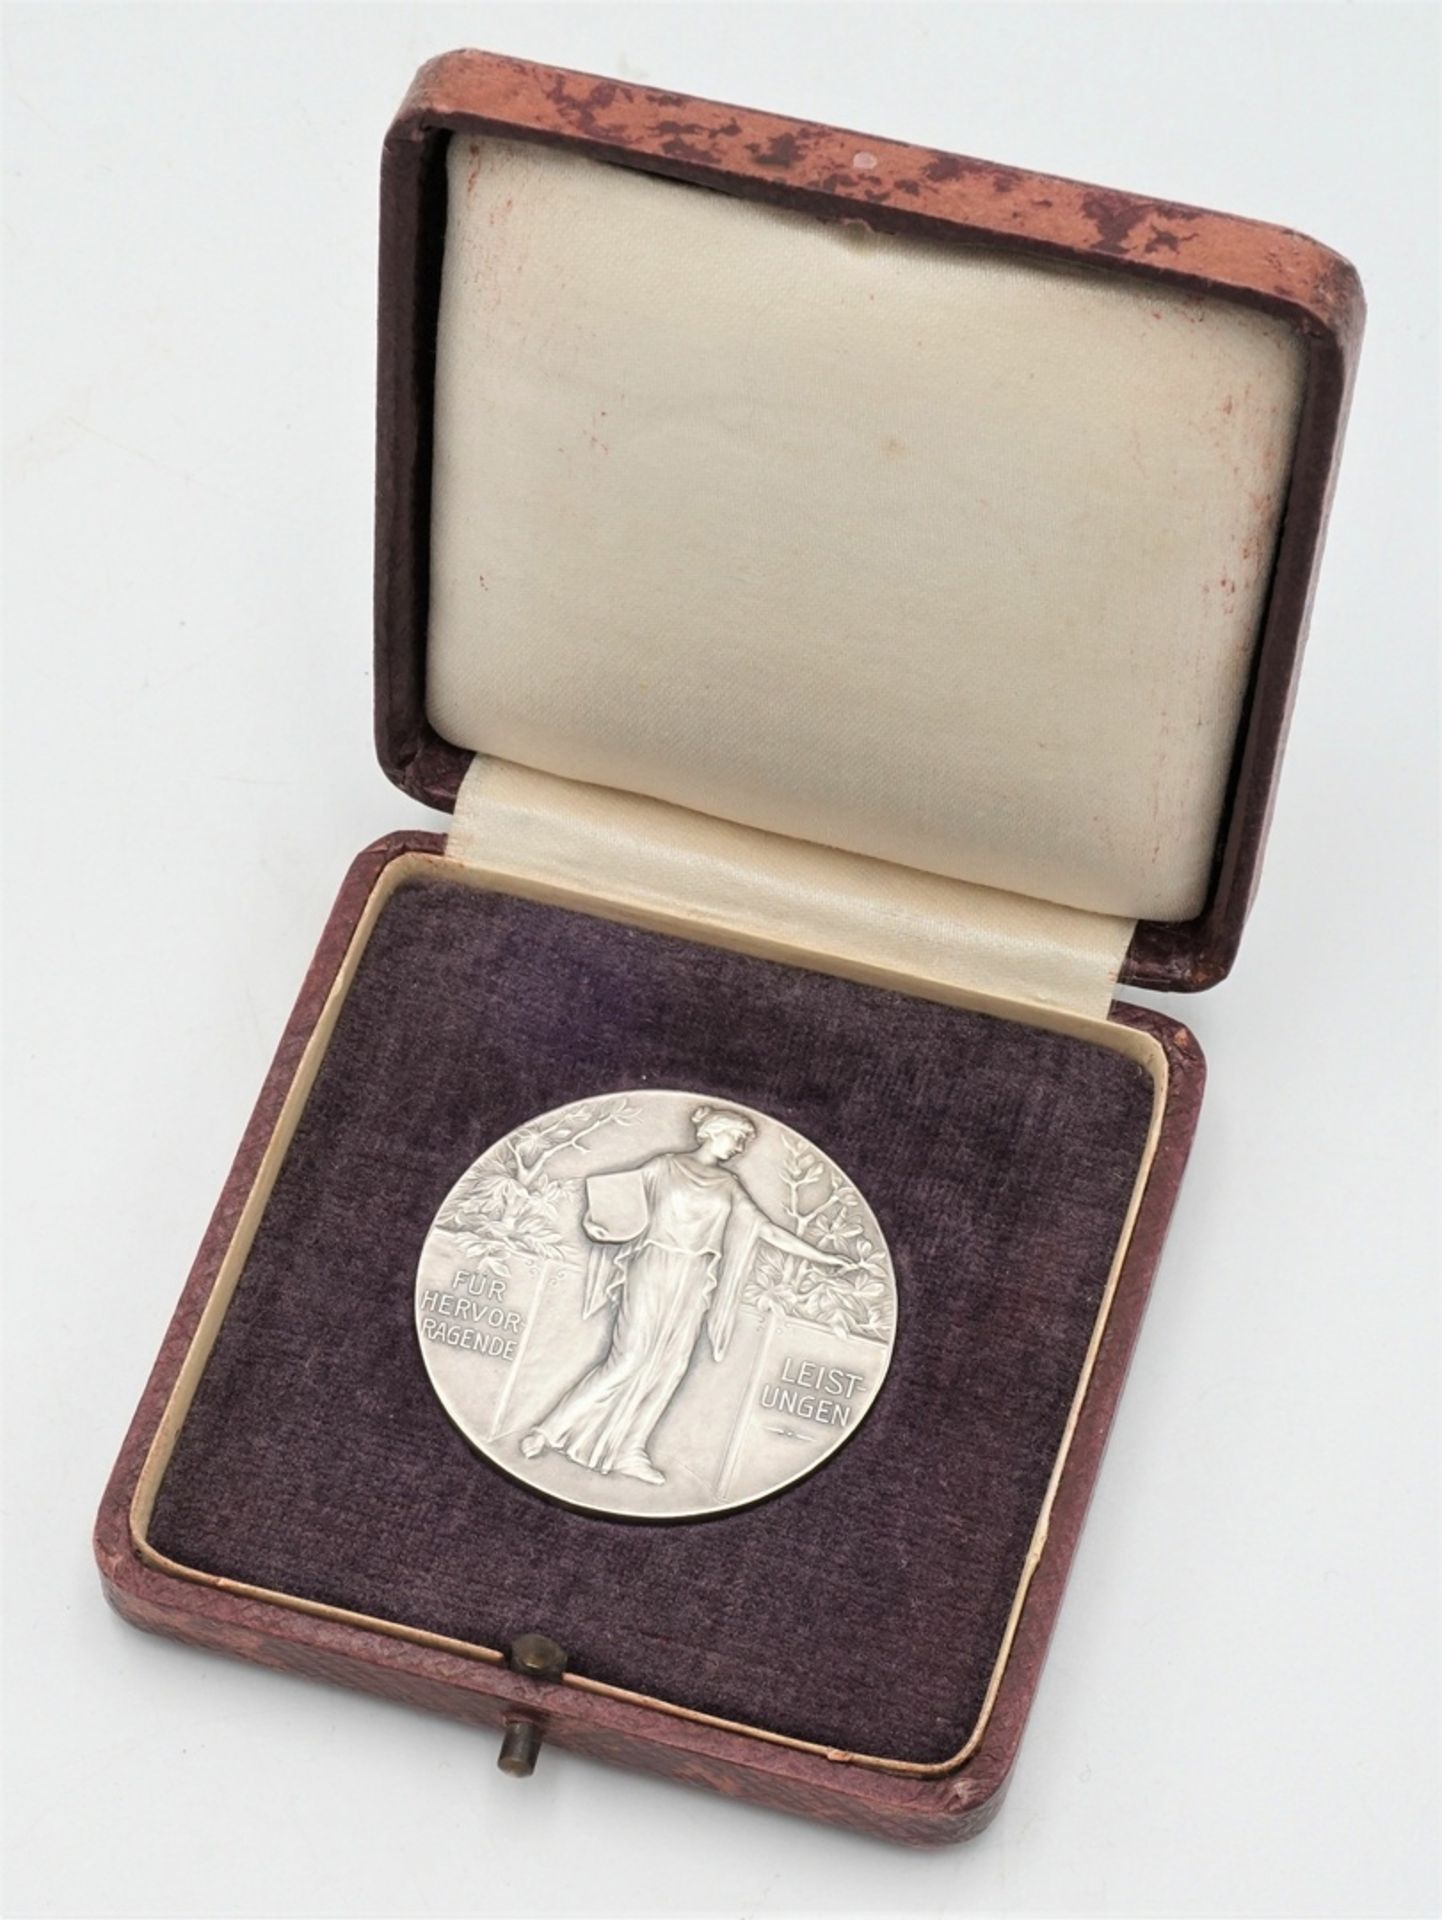 Silbermedaille Halberstadt, 1930